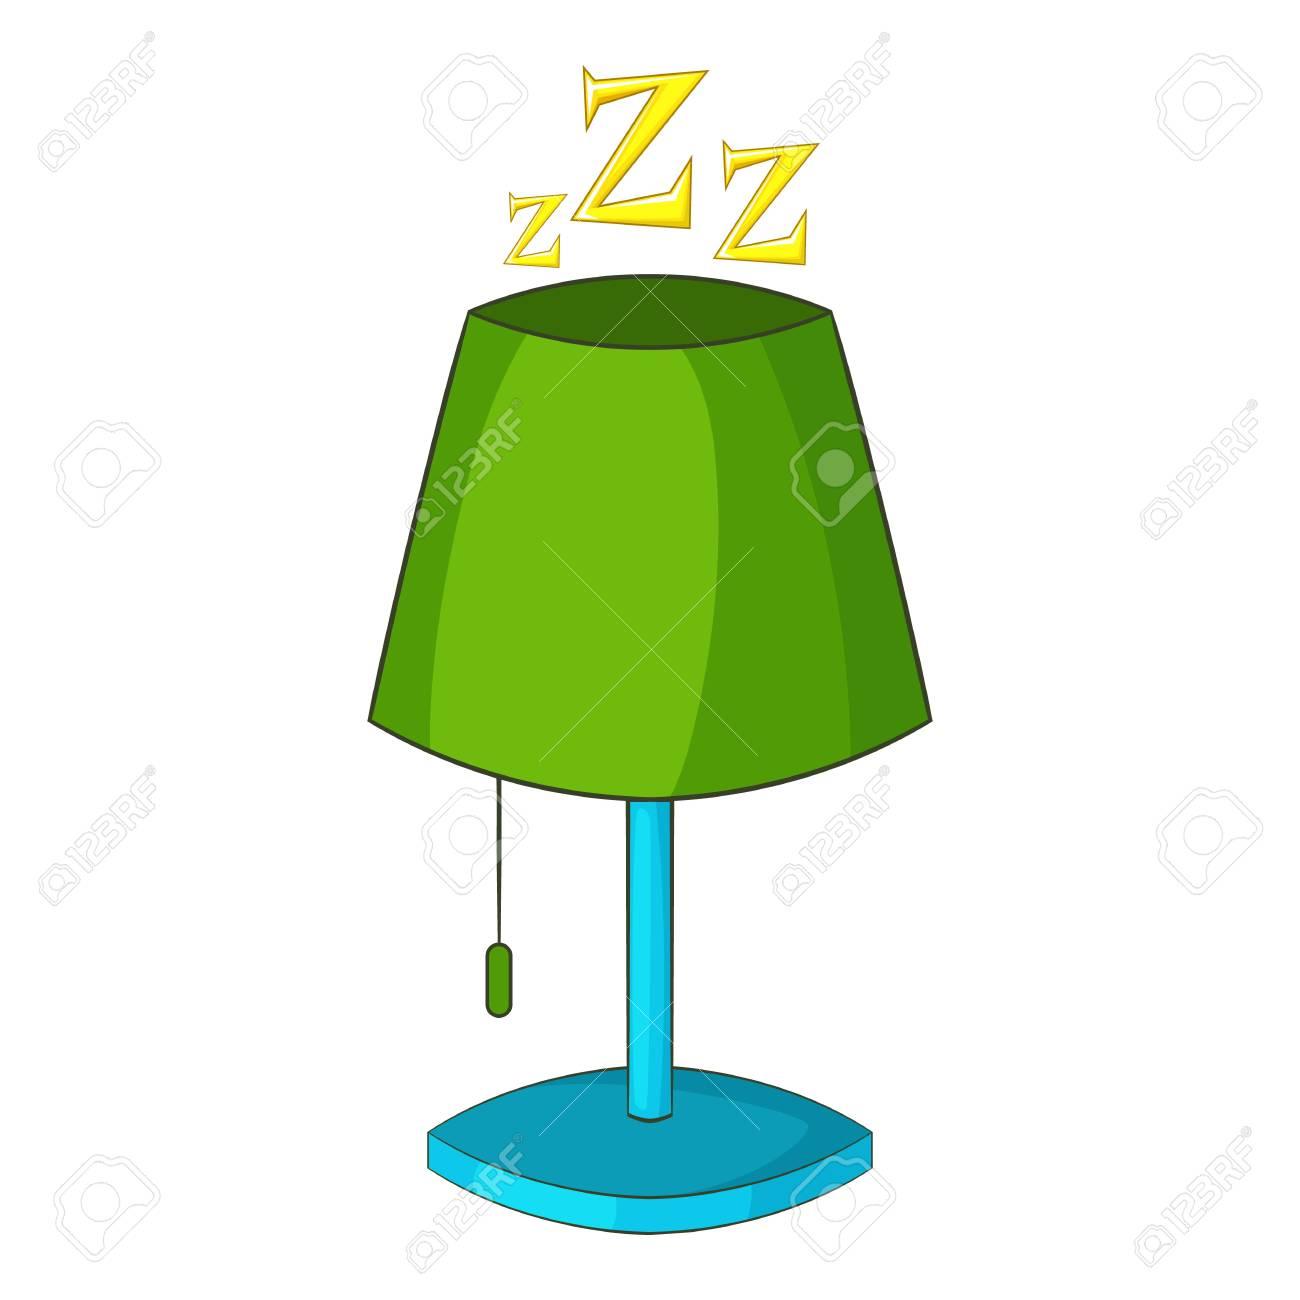 Ziemlich Symbol Der Lampe Zeitgenössisch - Die Besten Elektrischen ...